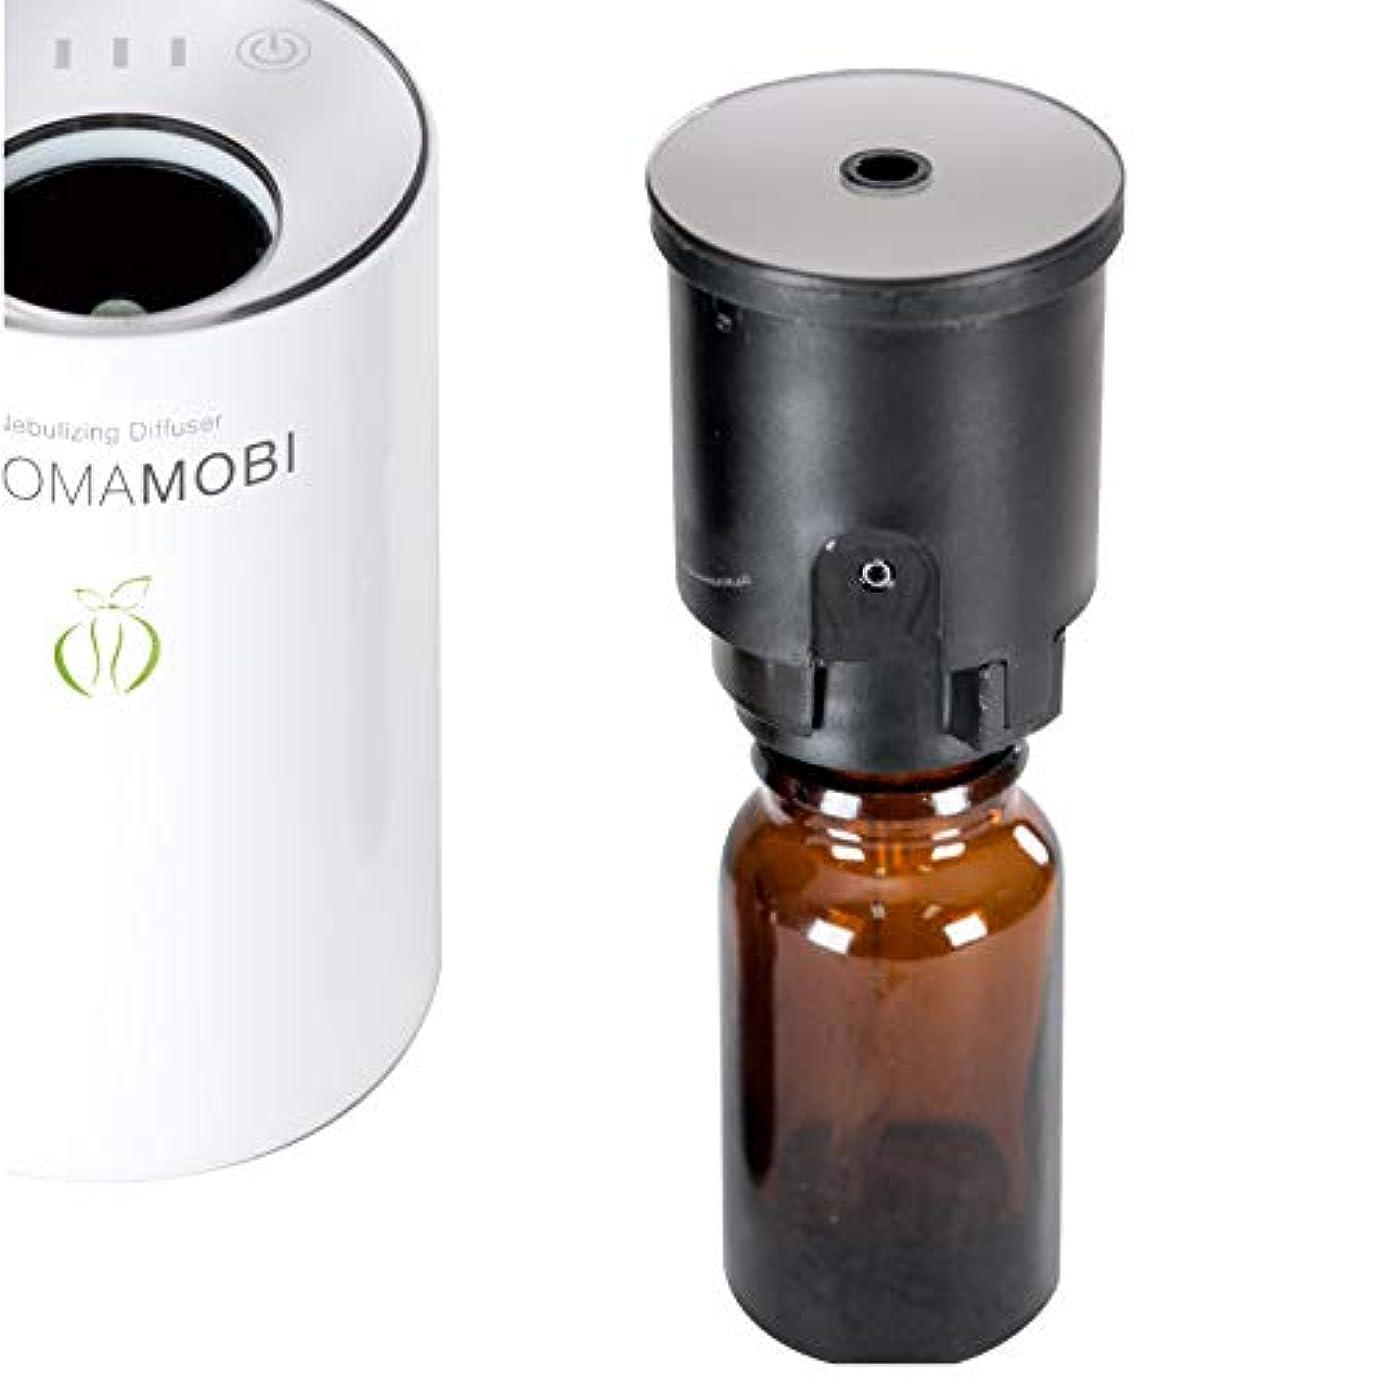 腐敗したなしでサリーfunks アロマモビ 専用 交換用 ノズル ボトルセット aromamobi アロマディフューザー